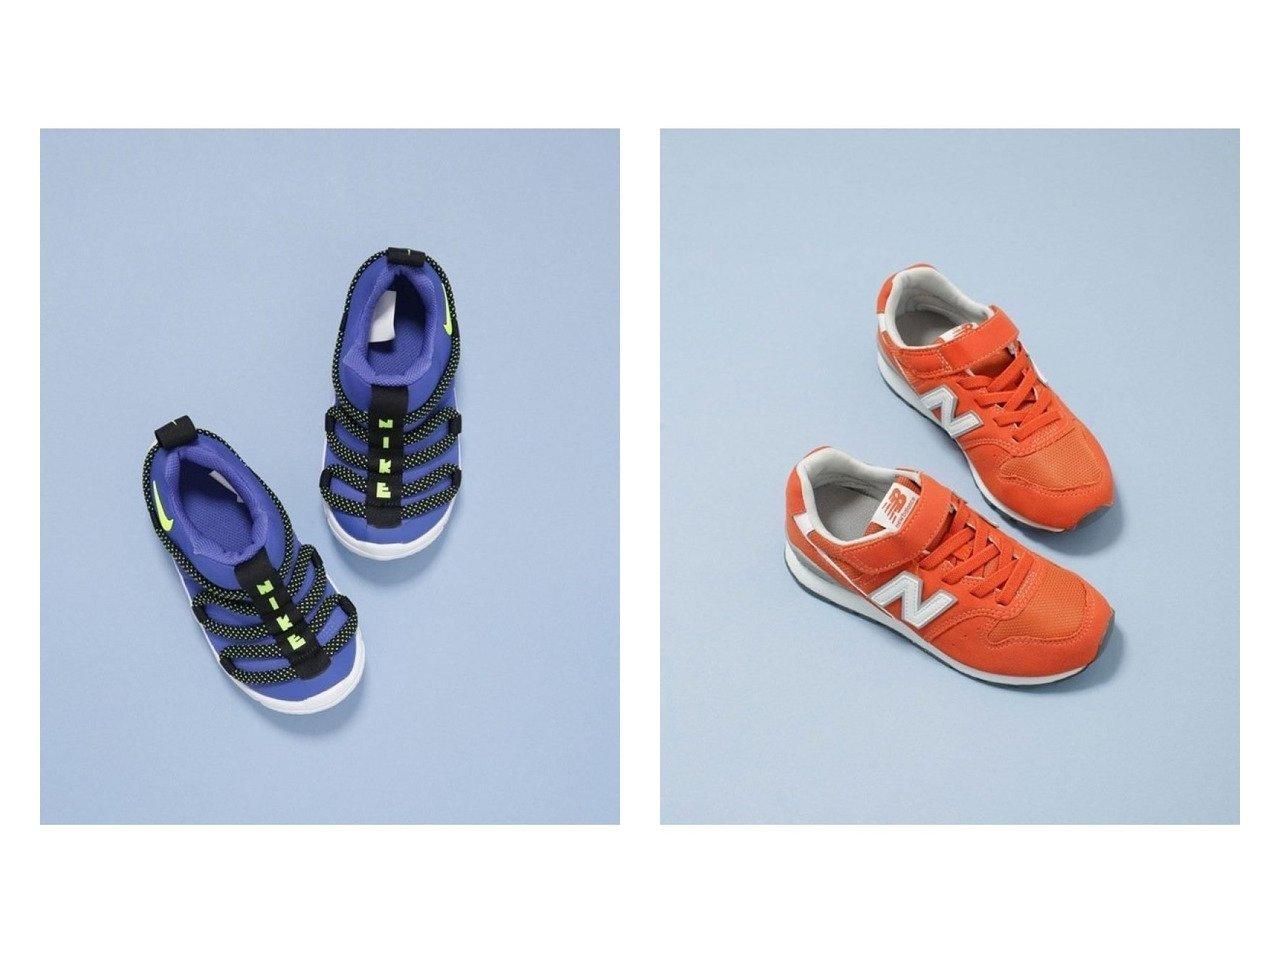 【new balance/ニューバランス】のYV996&【NIKE/ナイキ】のナイキ ノーヴィスTD シューズ・靴のおすすめ!人気、トレンド・レディースファッションの通販  おすすめで人気の流行・トレンド、ファッションの通販商品 メンズファッション・キッズファッション・インテリア・家具・レディースファッション・服の通販 founy(ファニー) https://founy.com/ ファッション Fashion レディースファッション WOMEN カラフル 軽量 シューズ スニーカー スポーツ スリッポン リボン オレンジ バランス ボストン 人気  ID:crp329100000015627